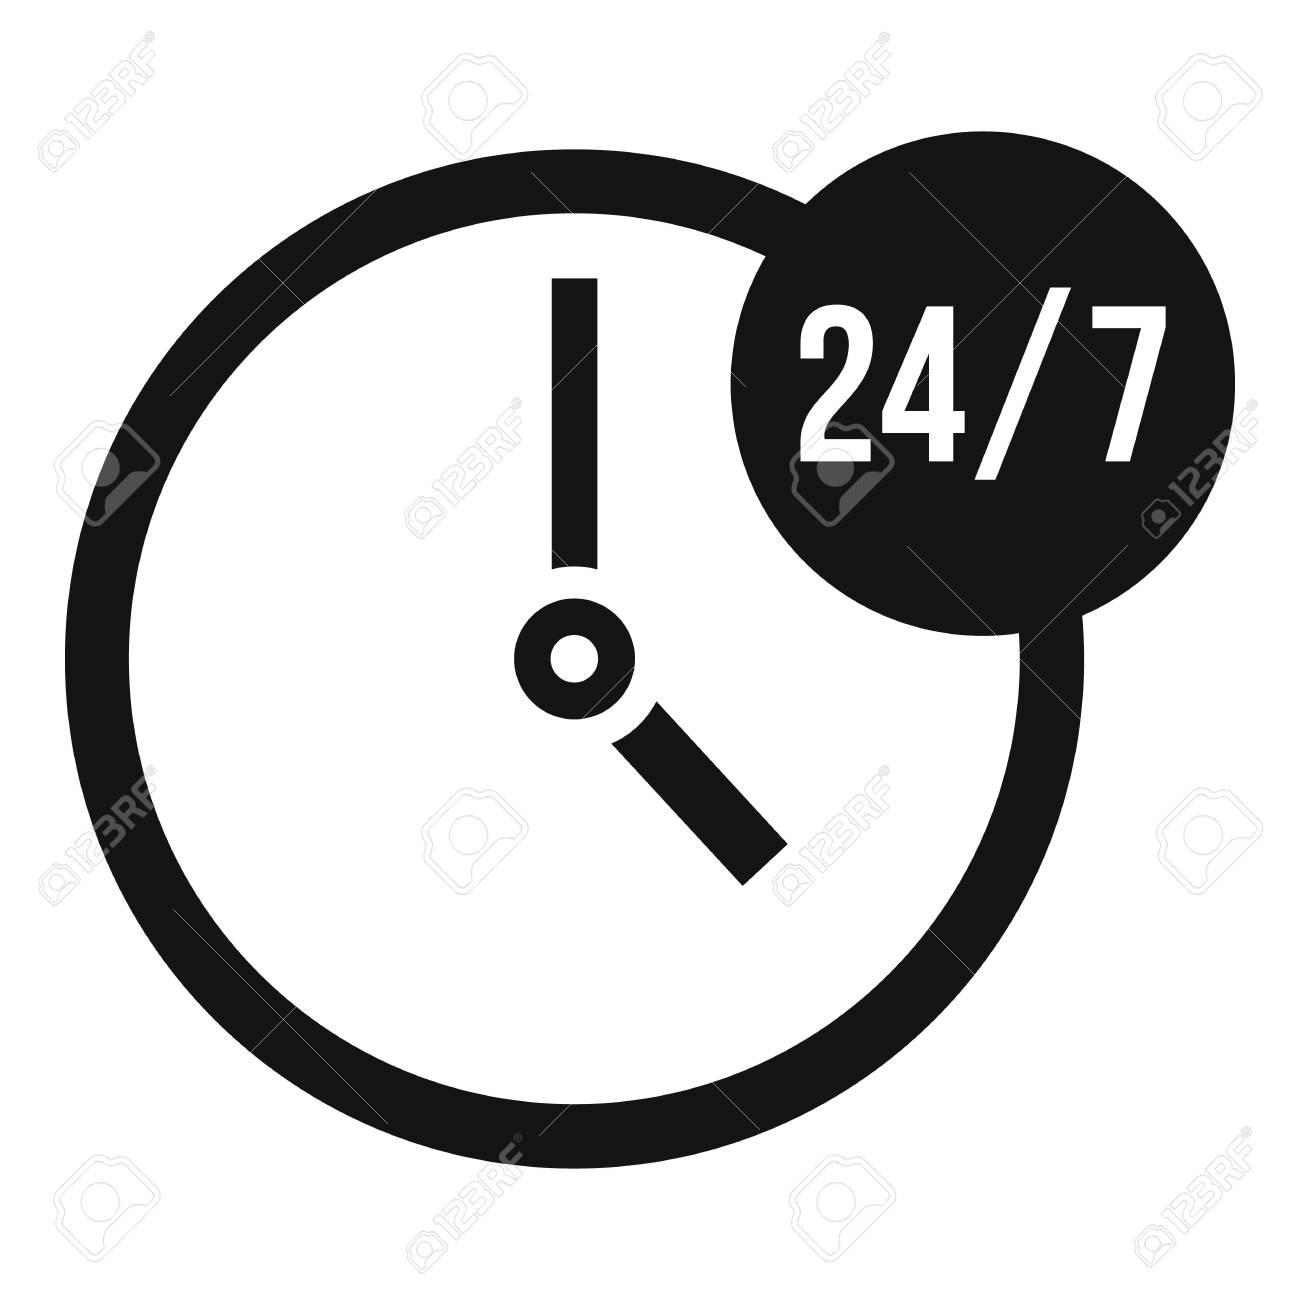 7:00, abbildung, uhr. Uhr, ausstellung, freigestellt, abbildung, 7:00,  hintergrund, weißes.